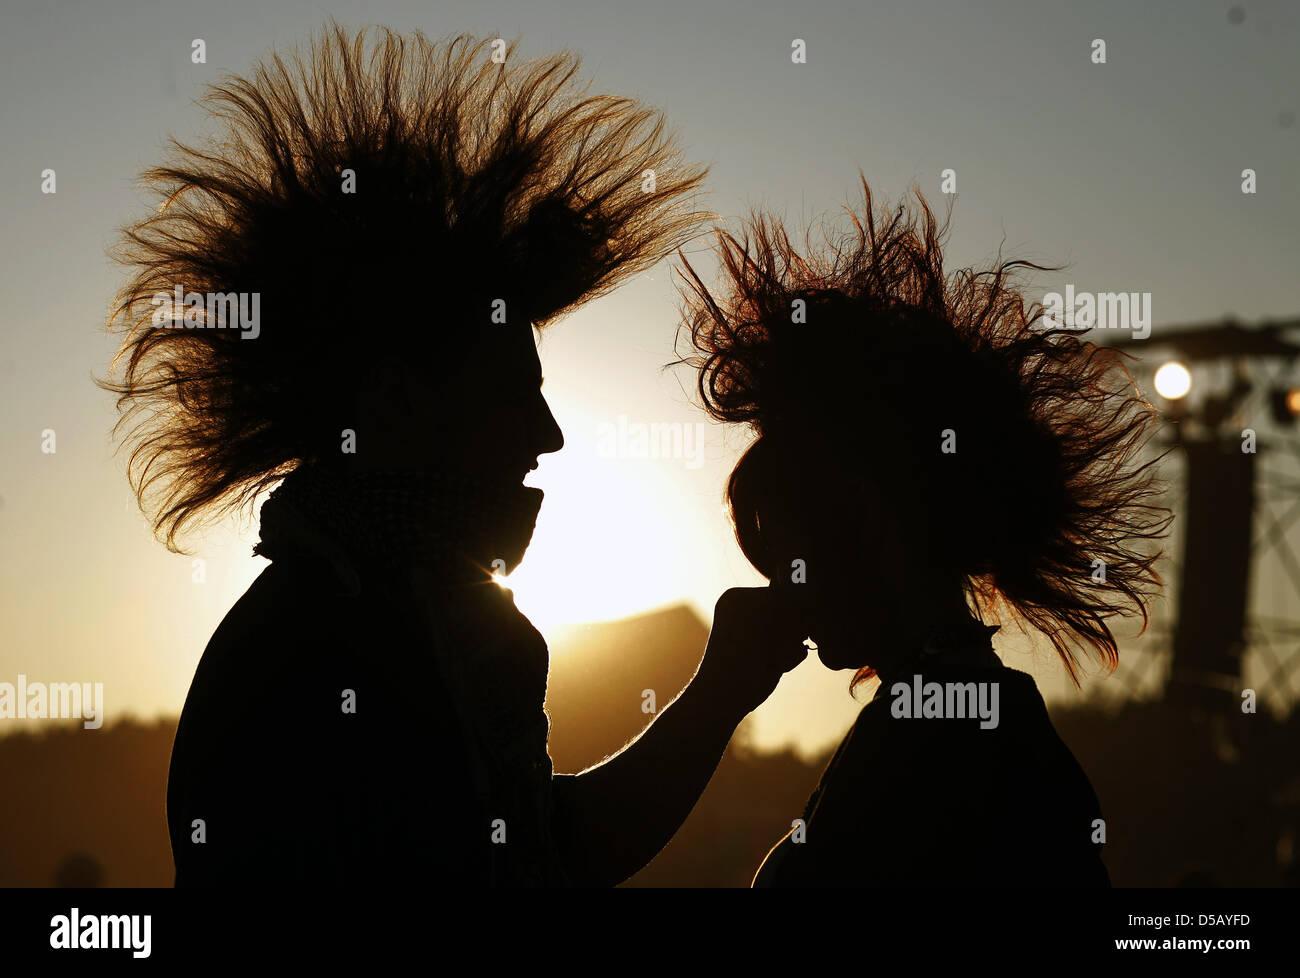 (Dpa-Datei)Ein Datei-Bild datiert 31. Juli 2009 eines Paares in die Hintergrundbeleuchtung beim Woodstock Stockbild